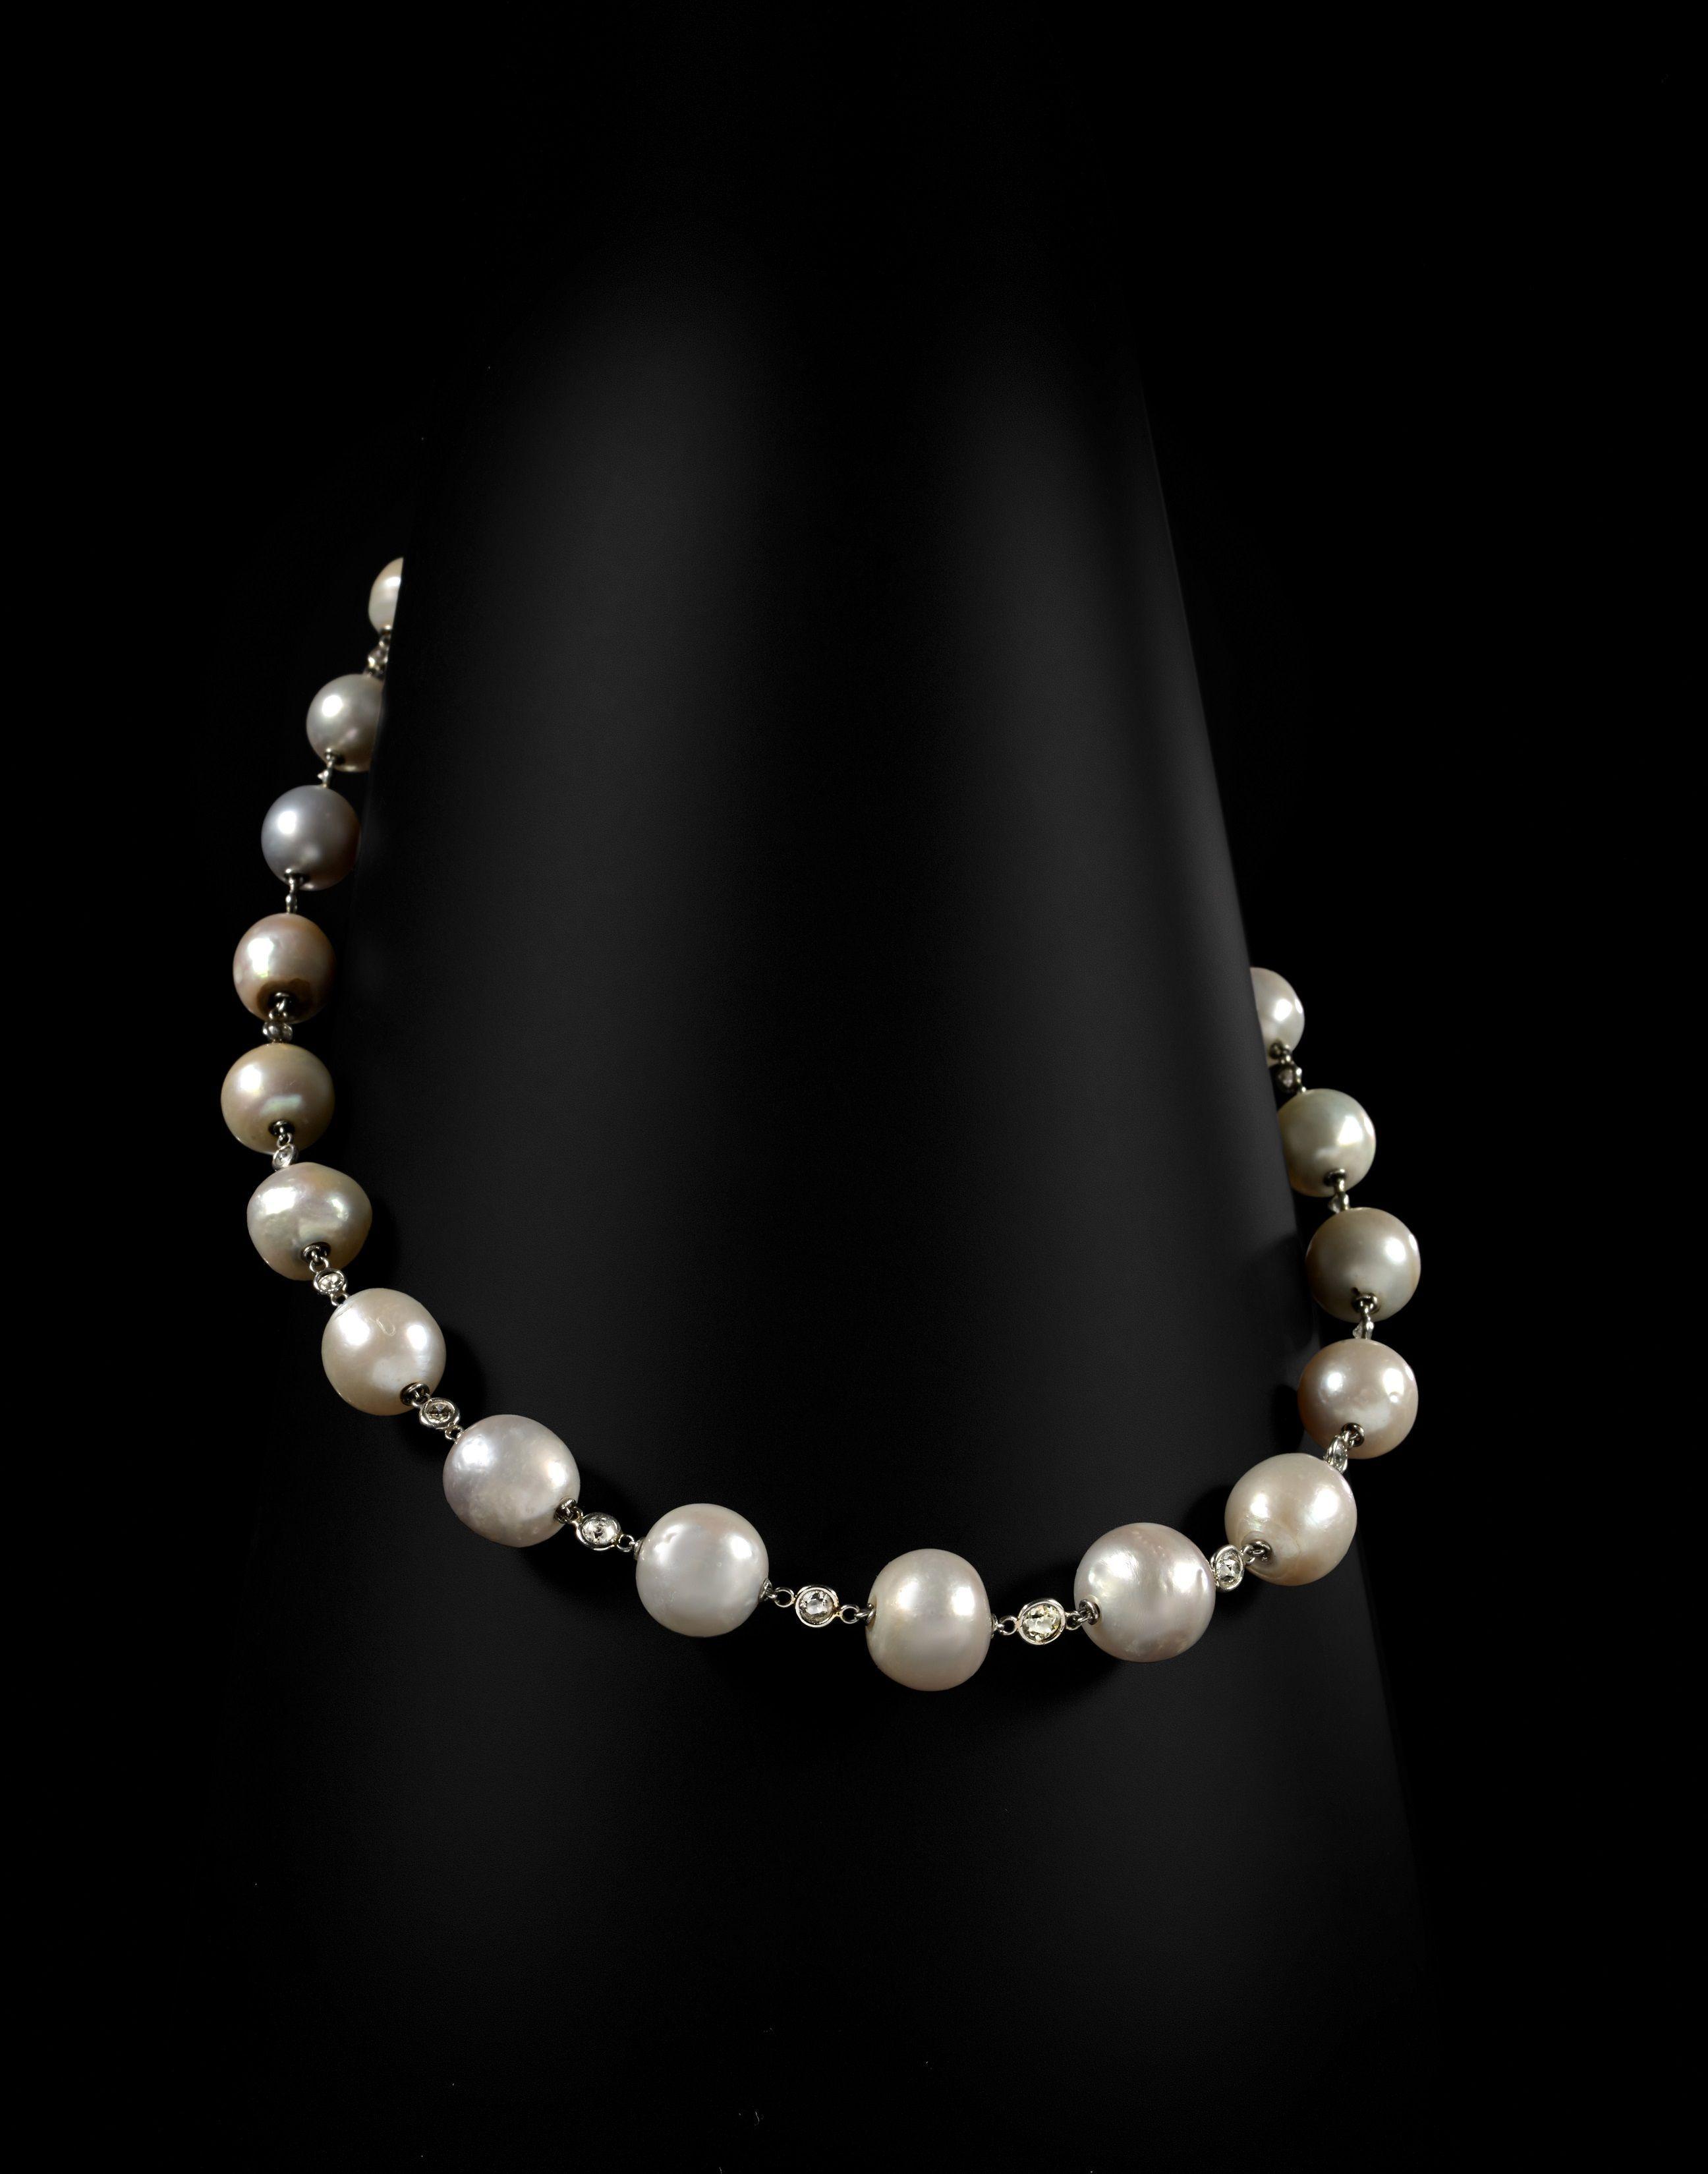 Collier de perles fines de Jeanne Lanvin Vente AGUTTES 19 octobre 2016